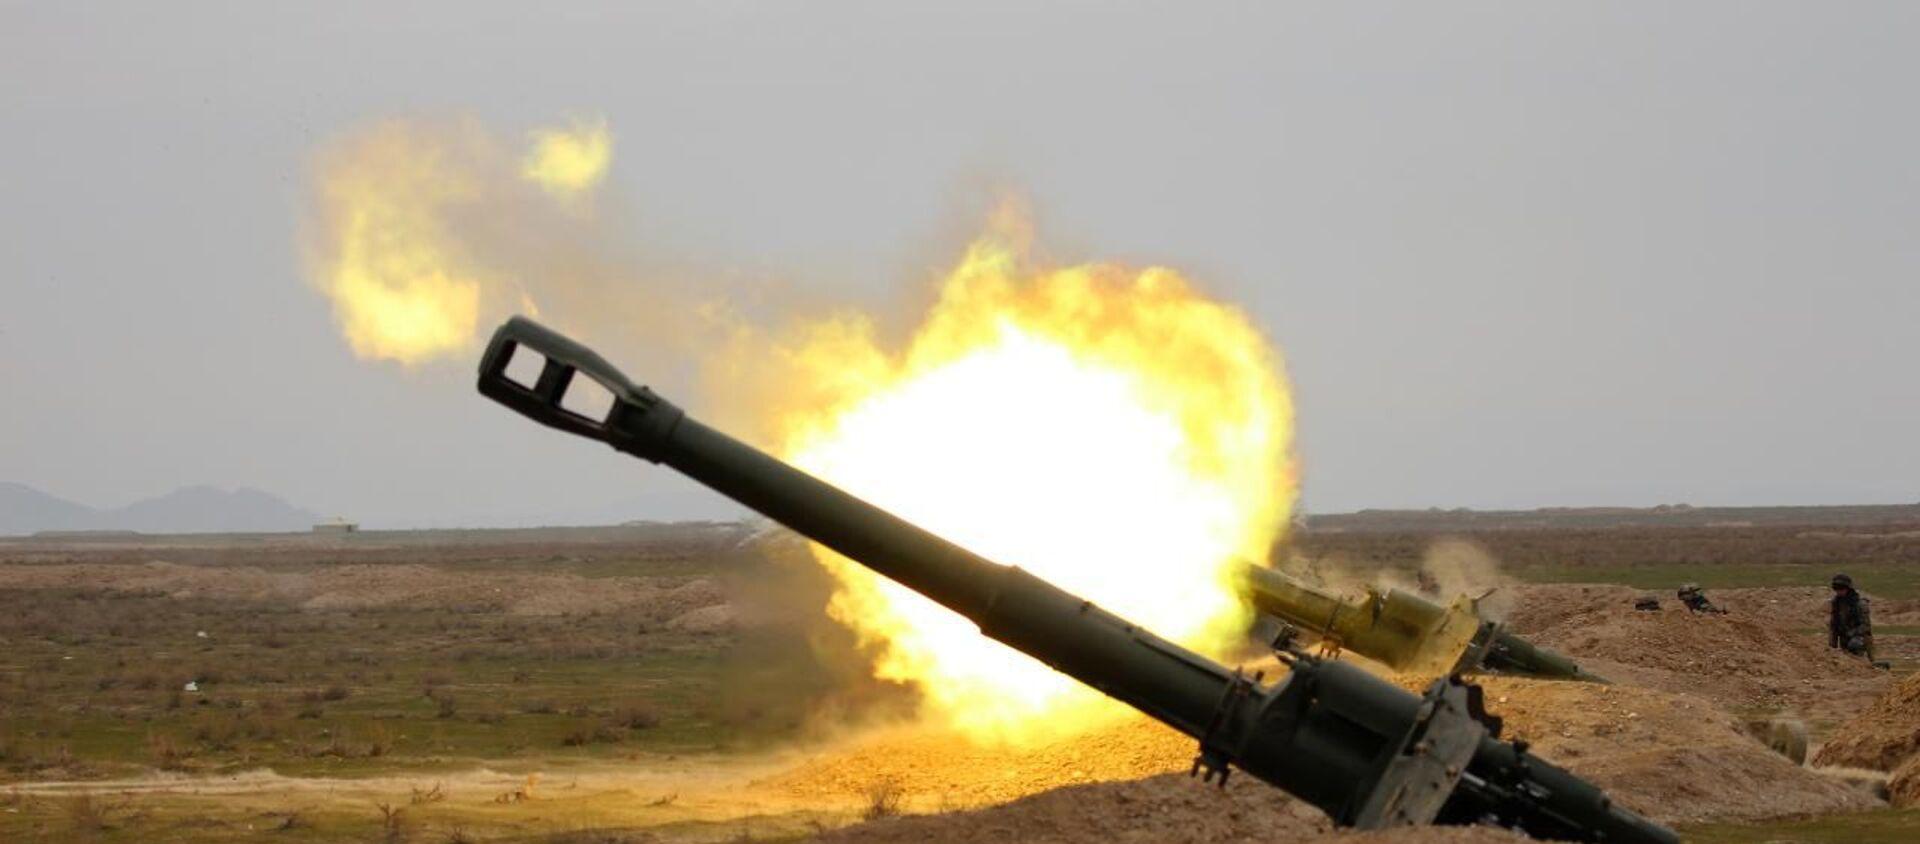 Артиллеристы армии Узбекистана продемонстрировали новые способы ведения огня - Sputnik Ўзбекистон, 1920, 10.12.2020